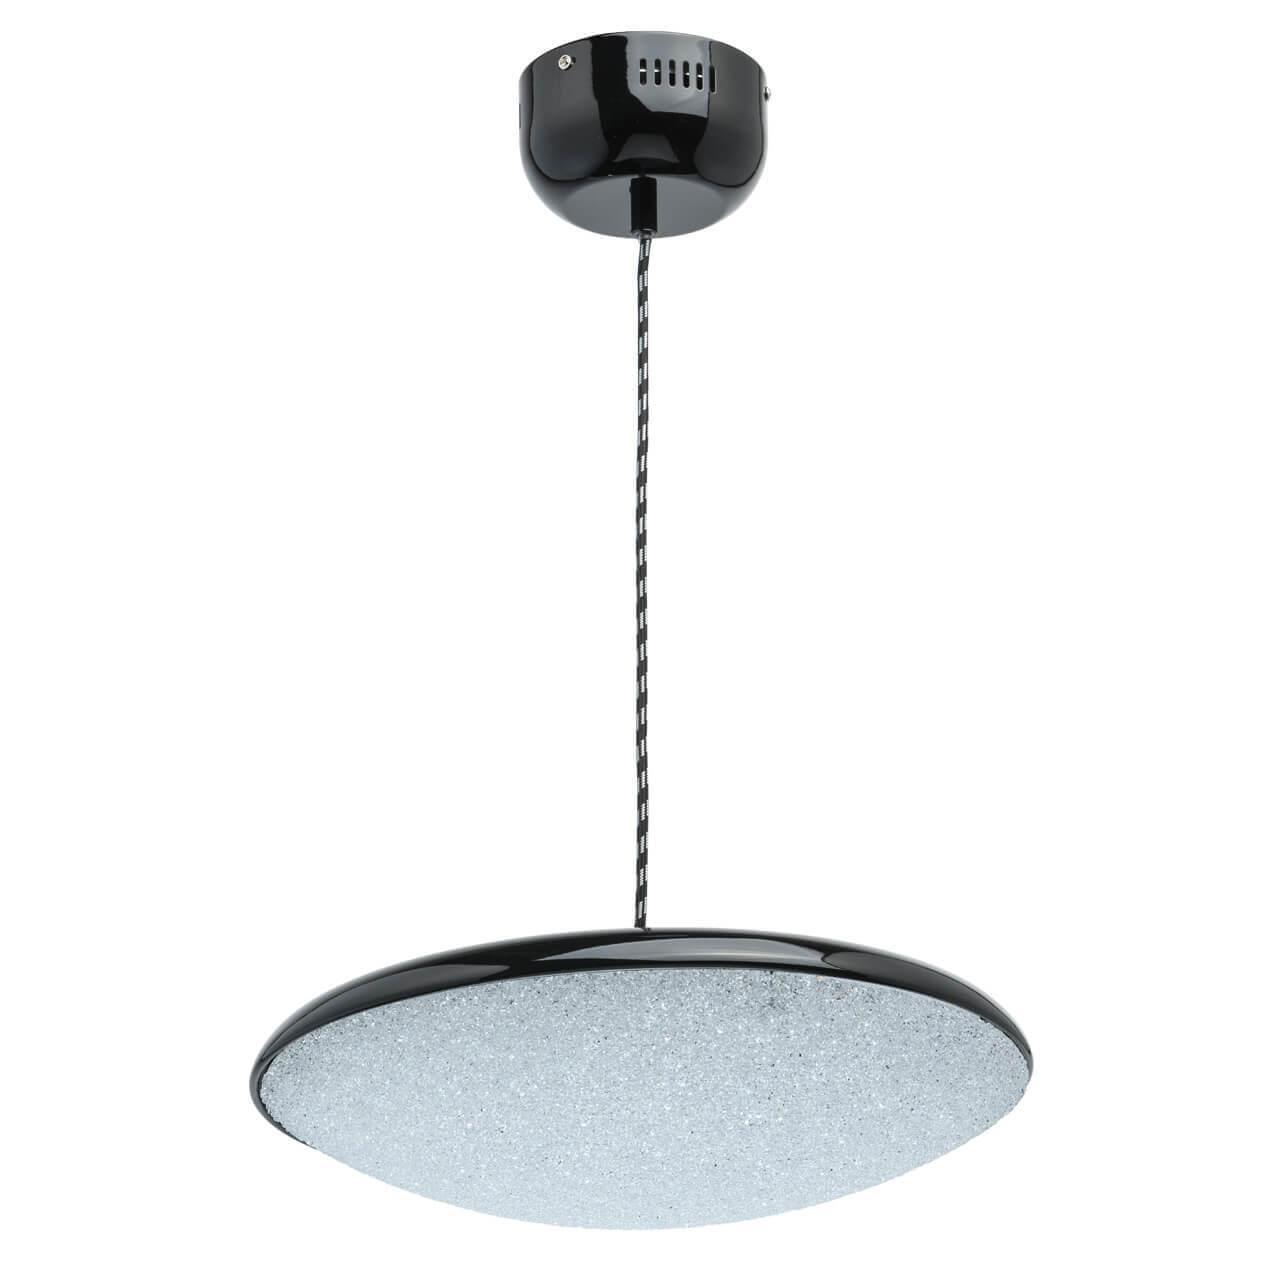 Подвесной светильник De Markt 703011101, LED, 20 Вт regenbogen life подвесной светильник перегрина